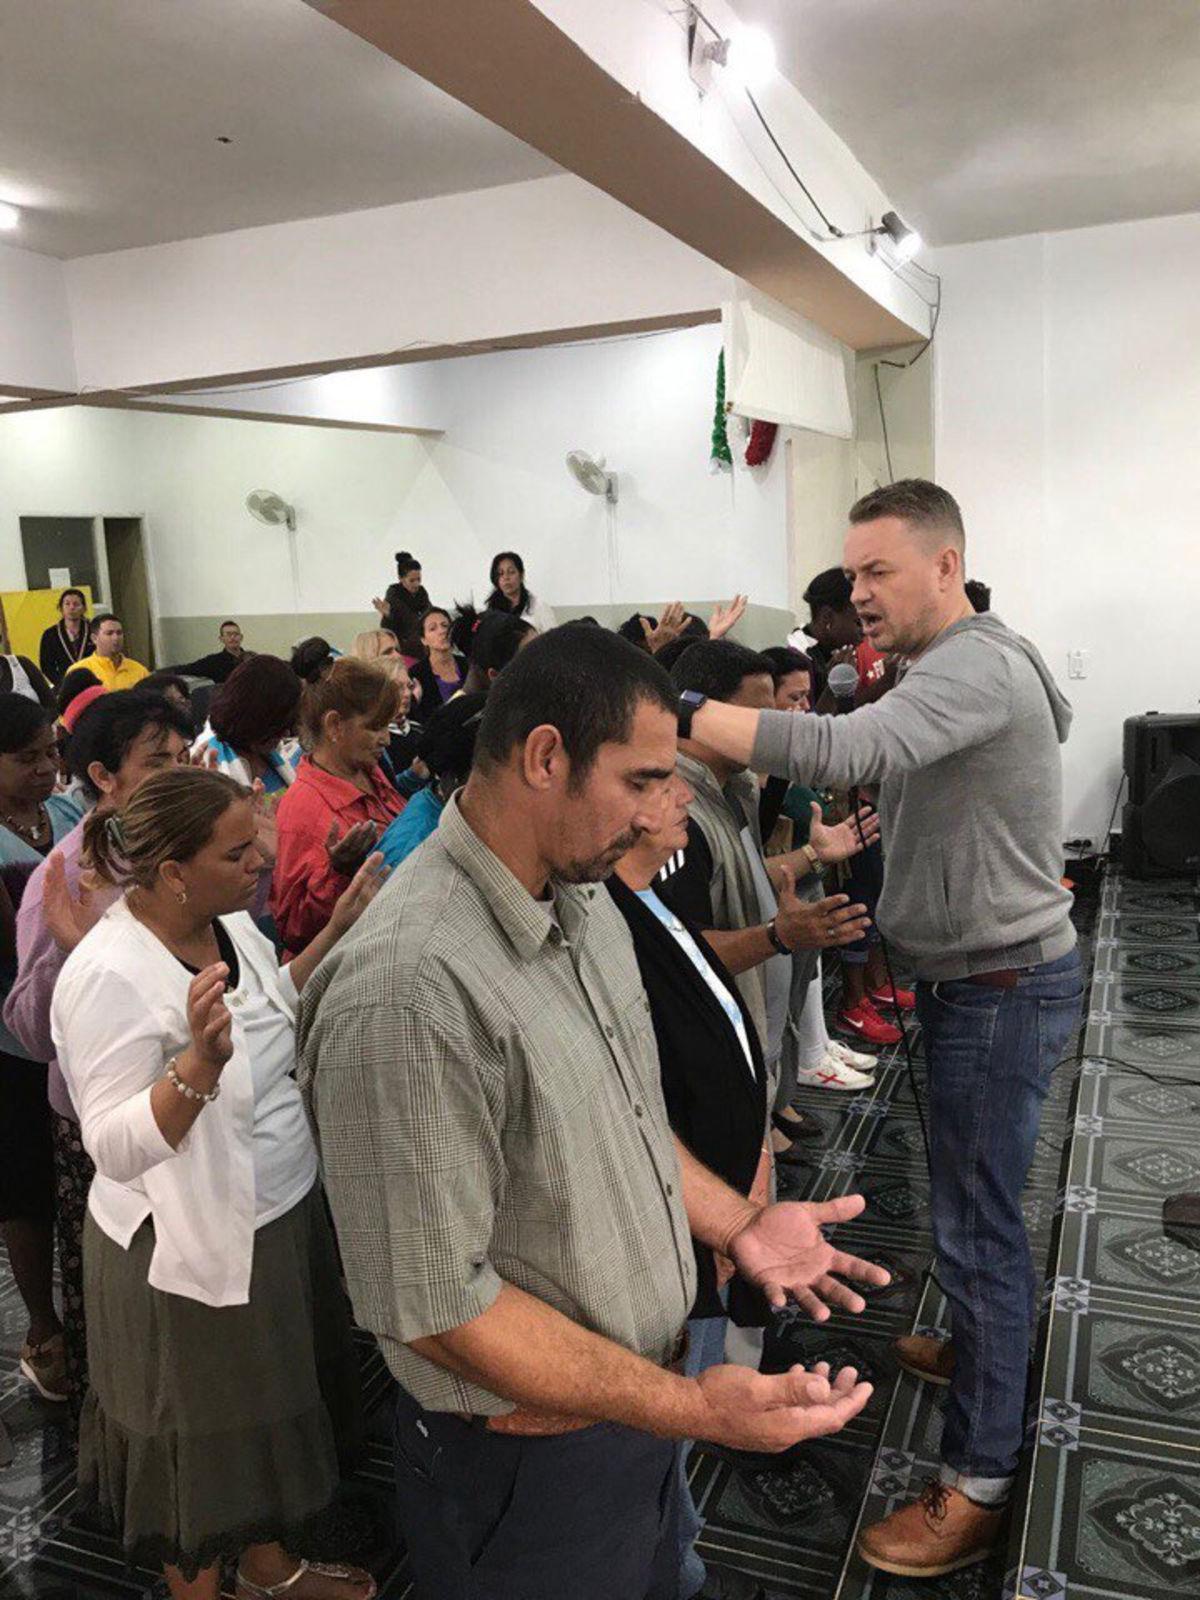 Епископ Павел Рындич: «Служение нуждающимся людям — это вклад в будущее кубинского народа»